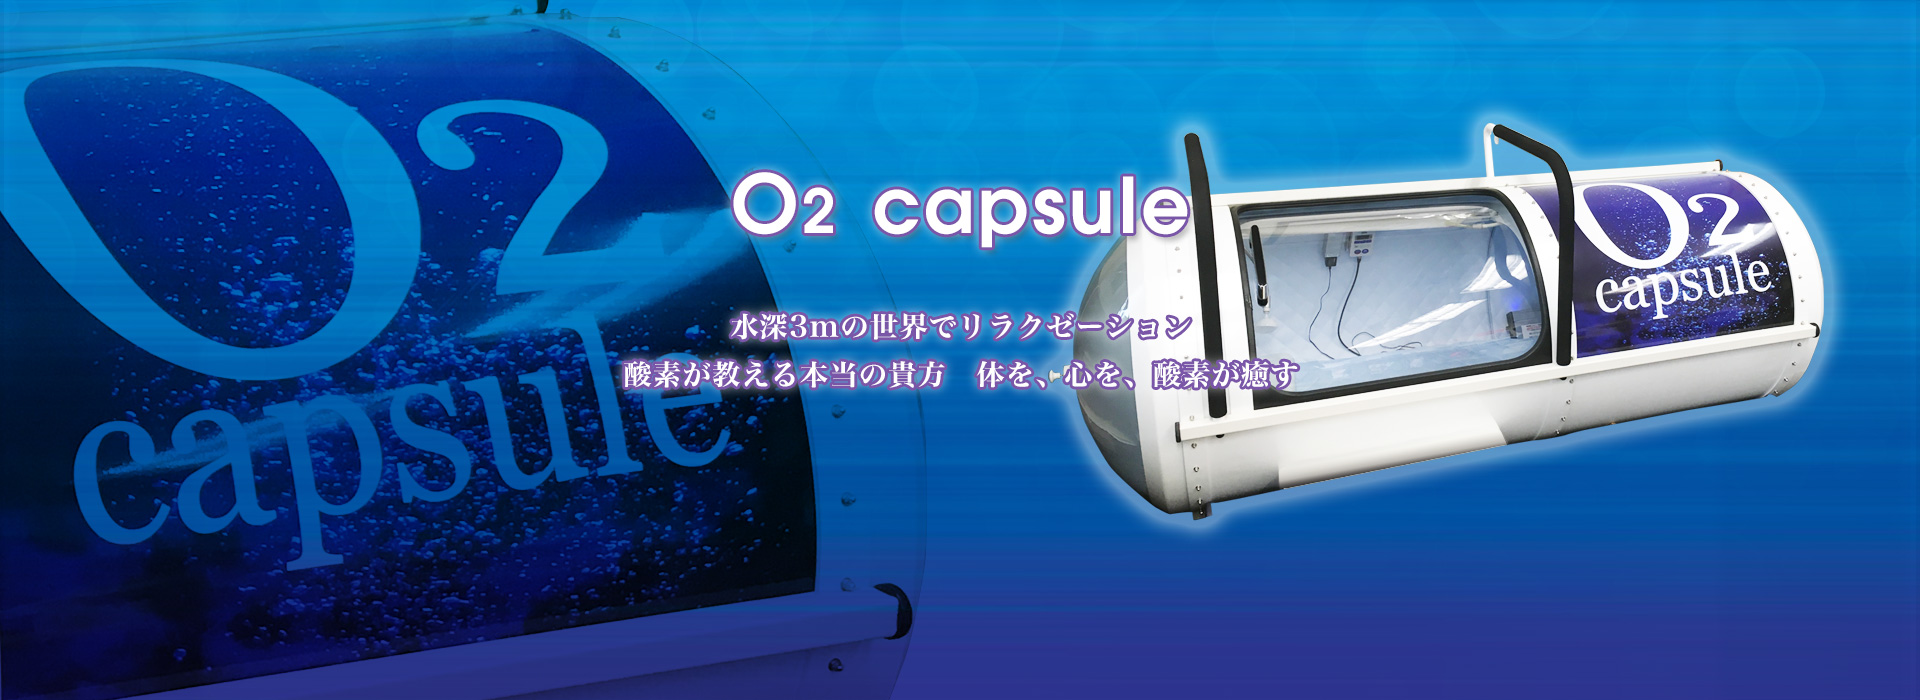 o2capsule